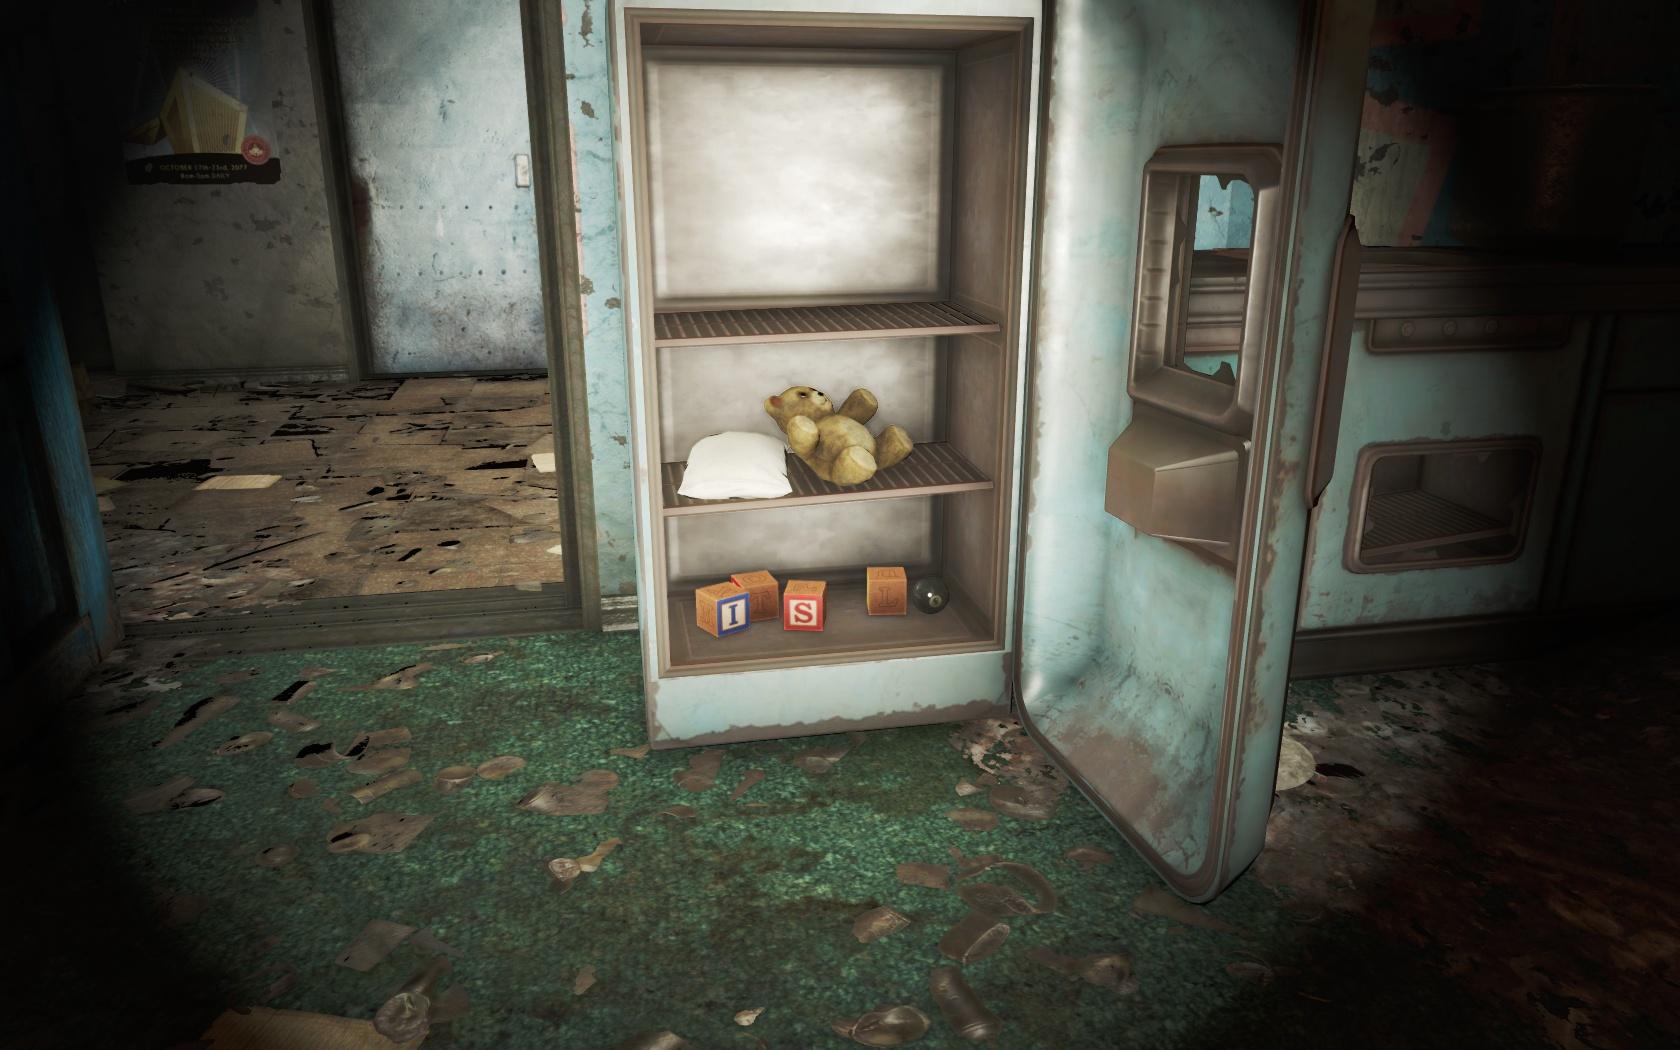 Мишка (Жилой дом у Рухнувшего перехода) - Fallout 4 Жилой дом, Рухнувший переход